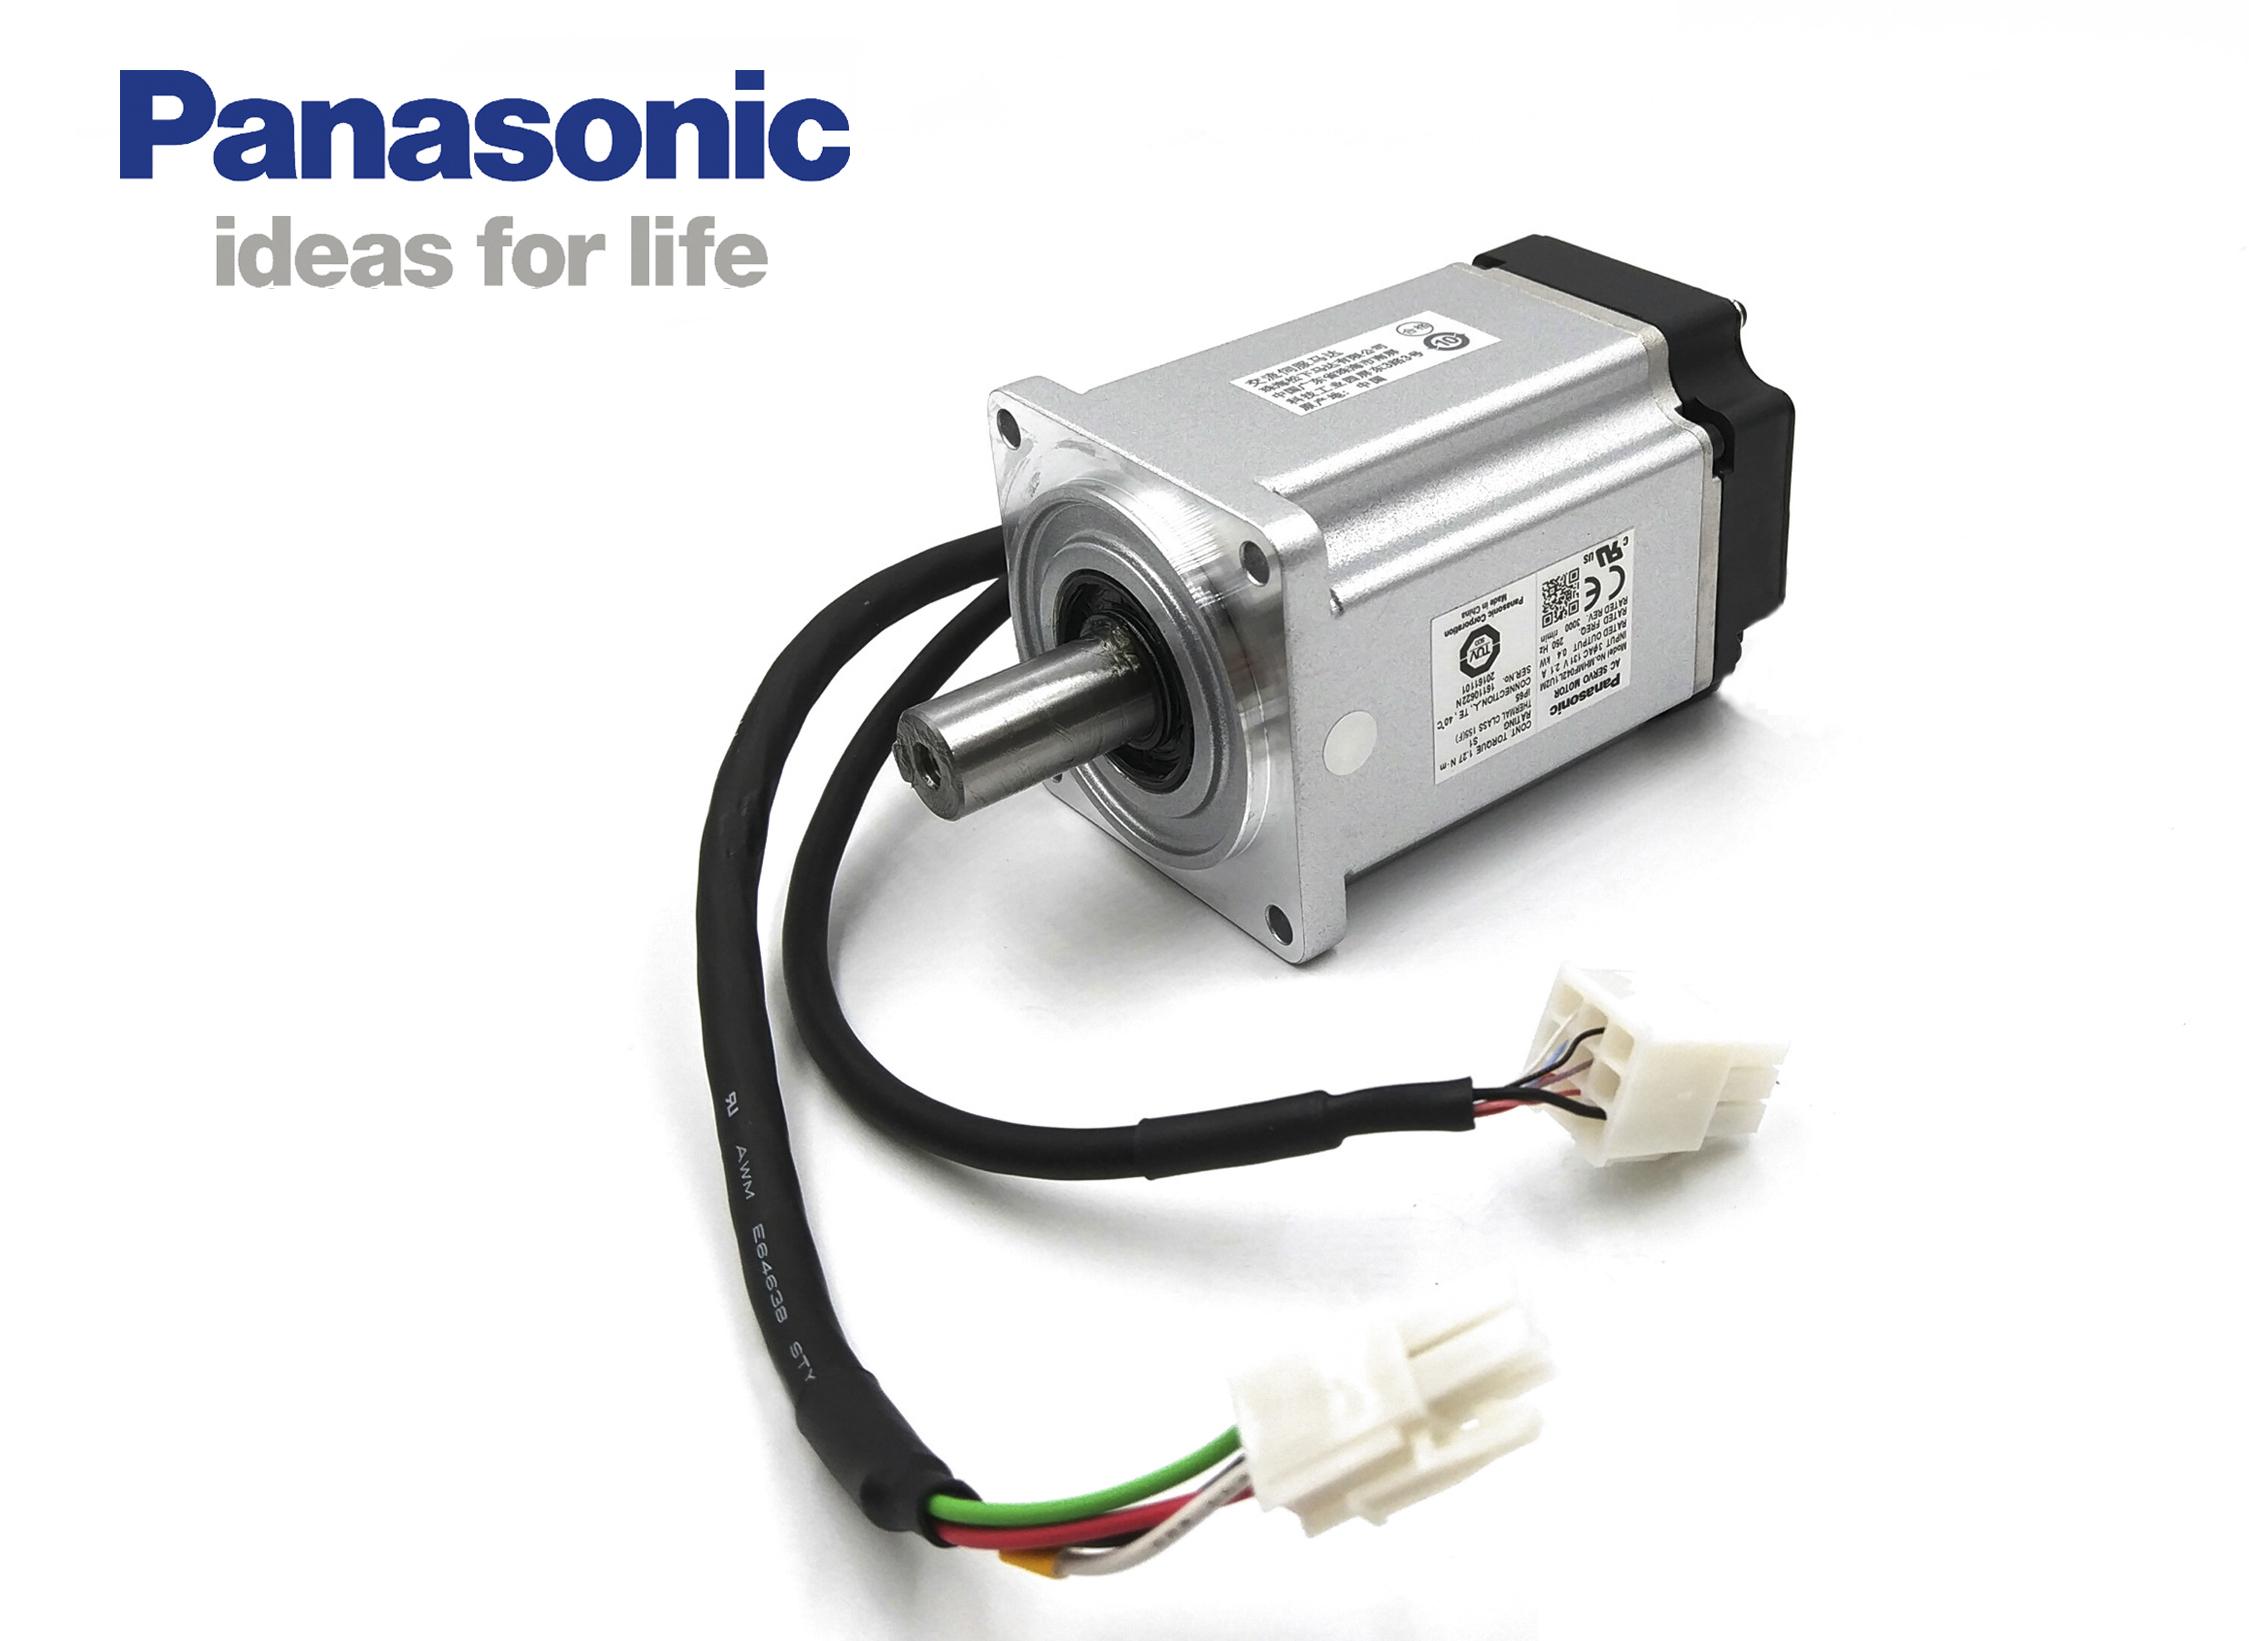 松下A6 MSMF042L1U2M伺服电机 低惯量400W 不带刹车/有油封